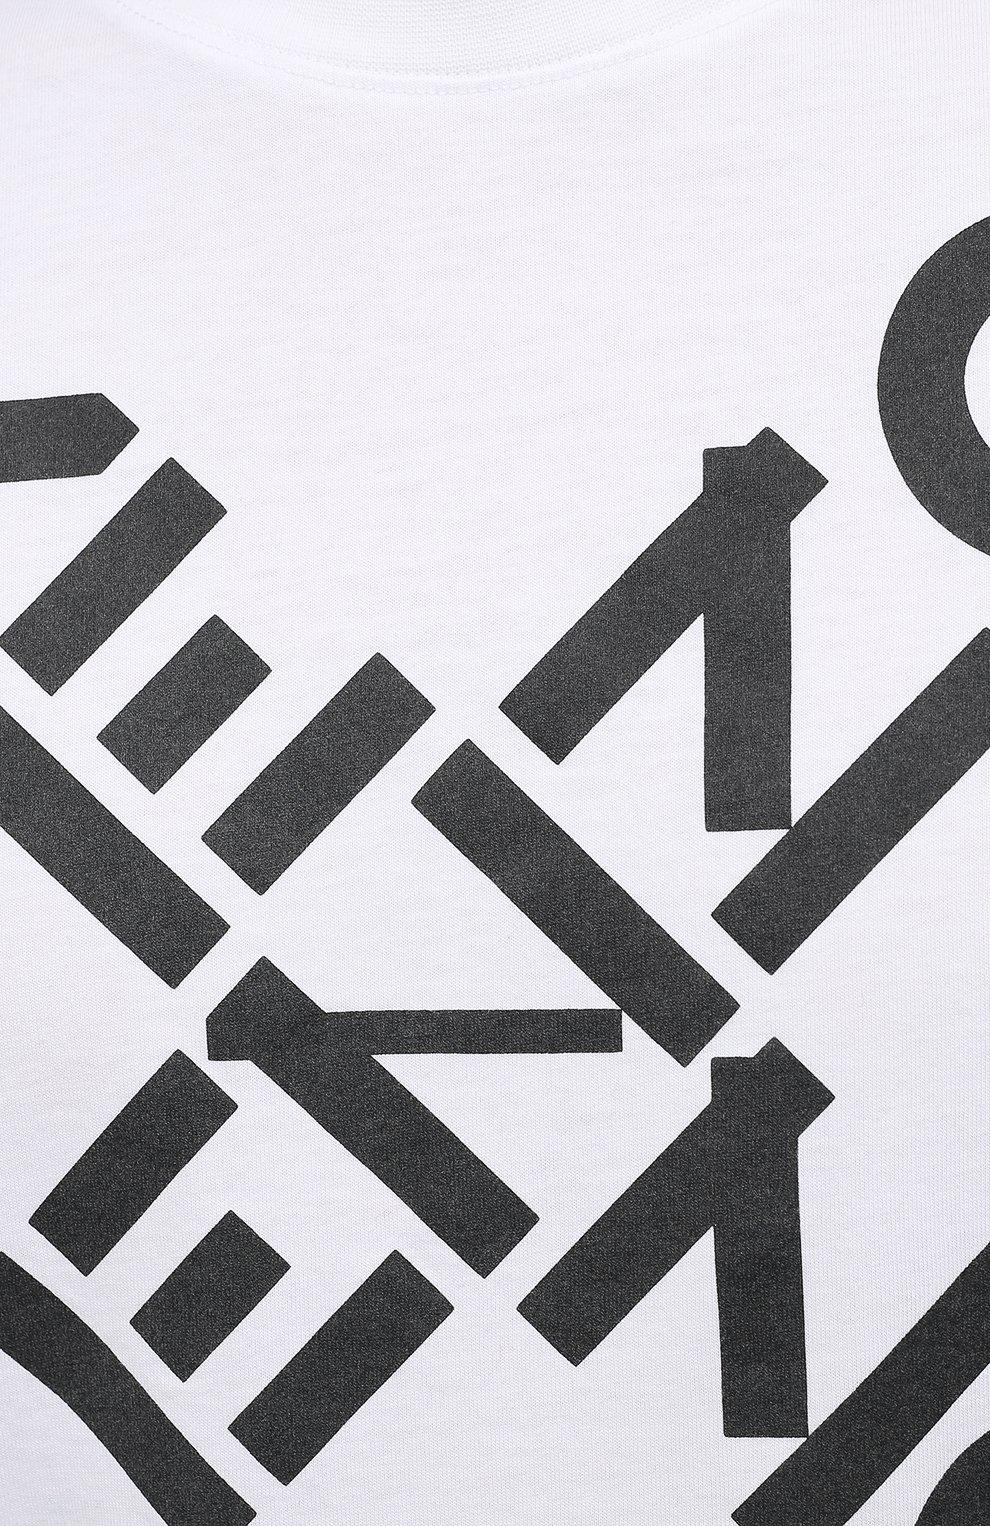 Мужская хлопковая футболка kenzo sport KENZO белого цвета, арт. FA65TS5024SJ   Фото 5 (Рукава: Короткие; Длина (для топов): Стандартные; Стили: Гранж, Спорт-шик; Принт: С принтом; Материал внешний: Хлопок)